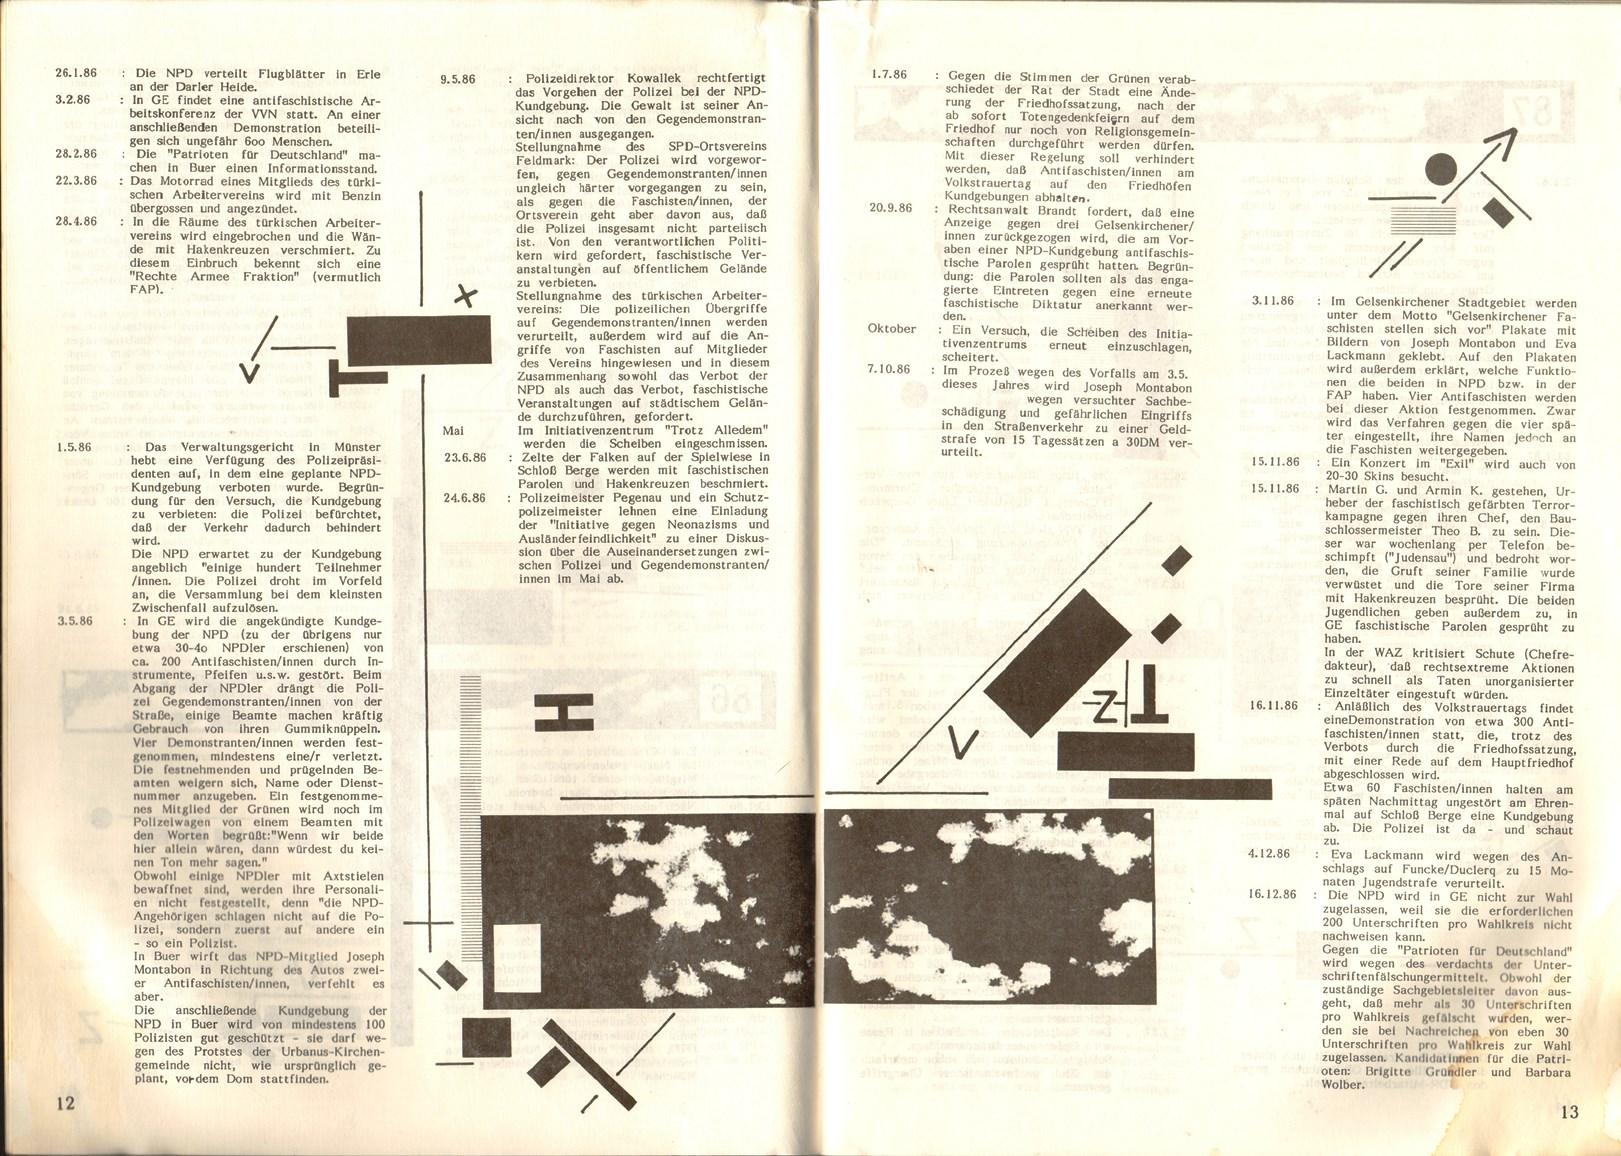 Gelsenkirchen_Zukunft_Vergangenheit_1988_07